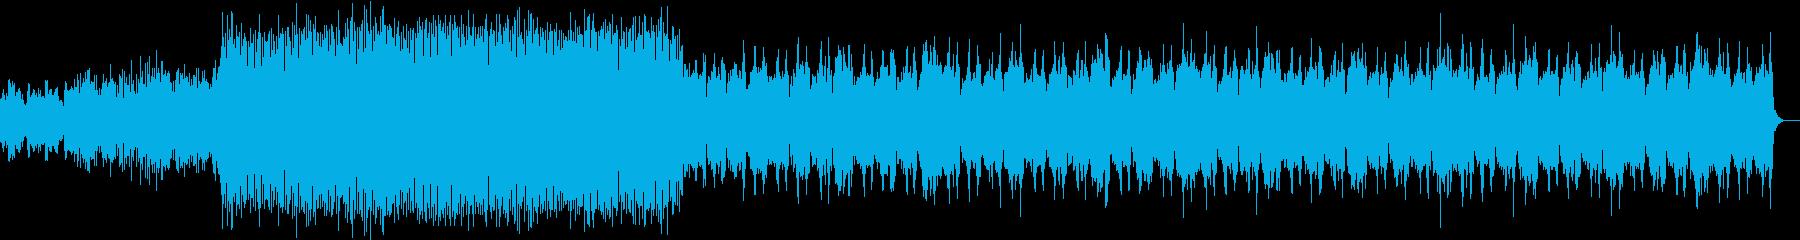 緊迫する場面で使えるロック調の曲の再生済みの波形